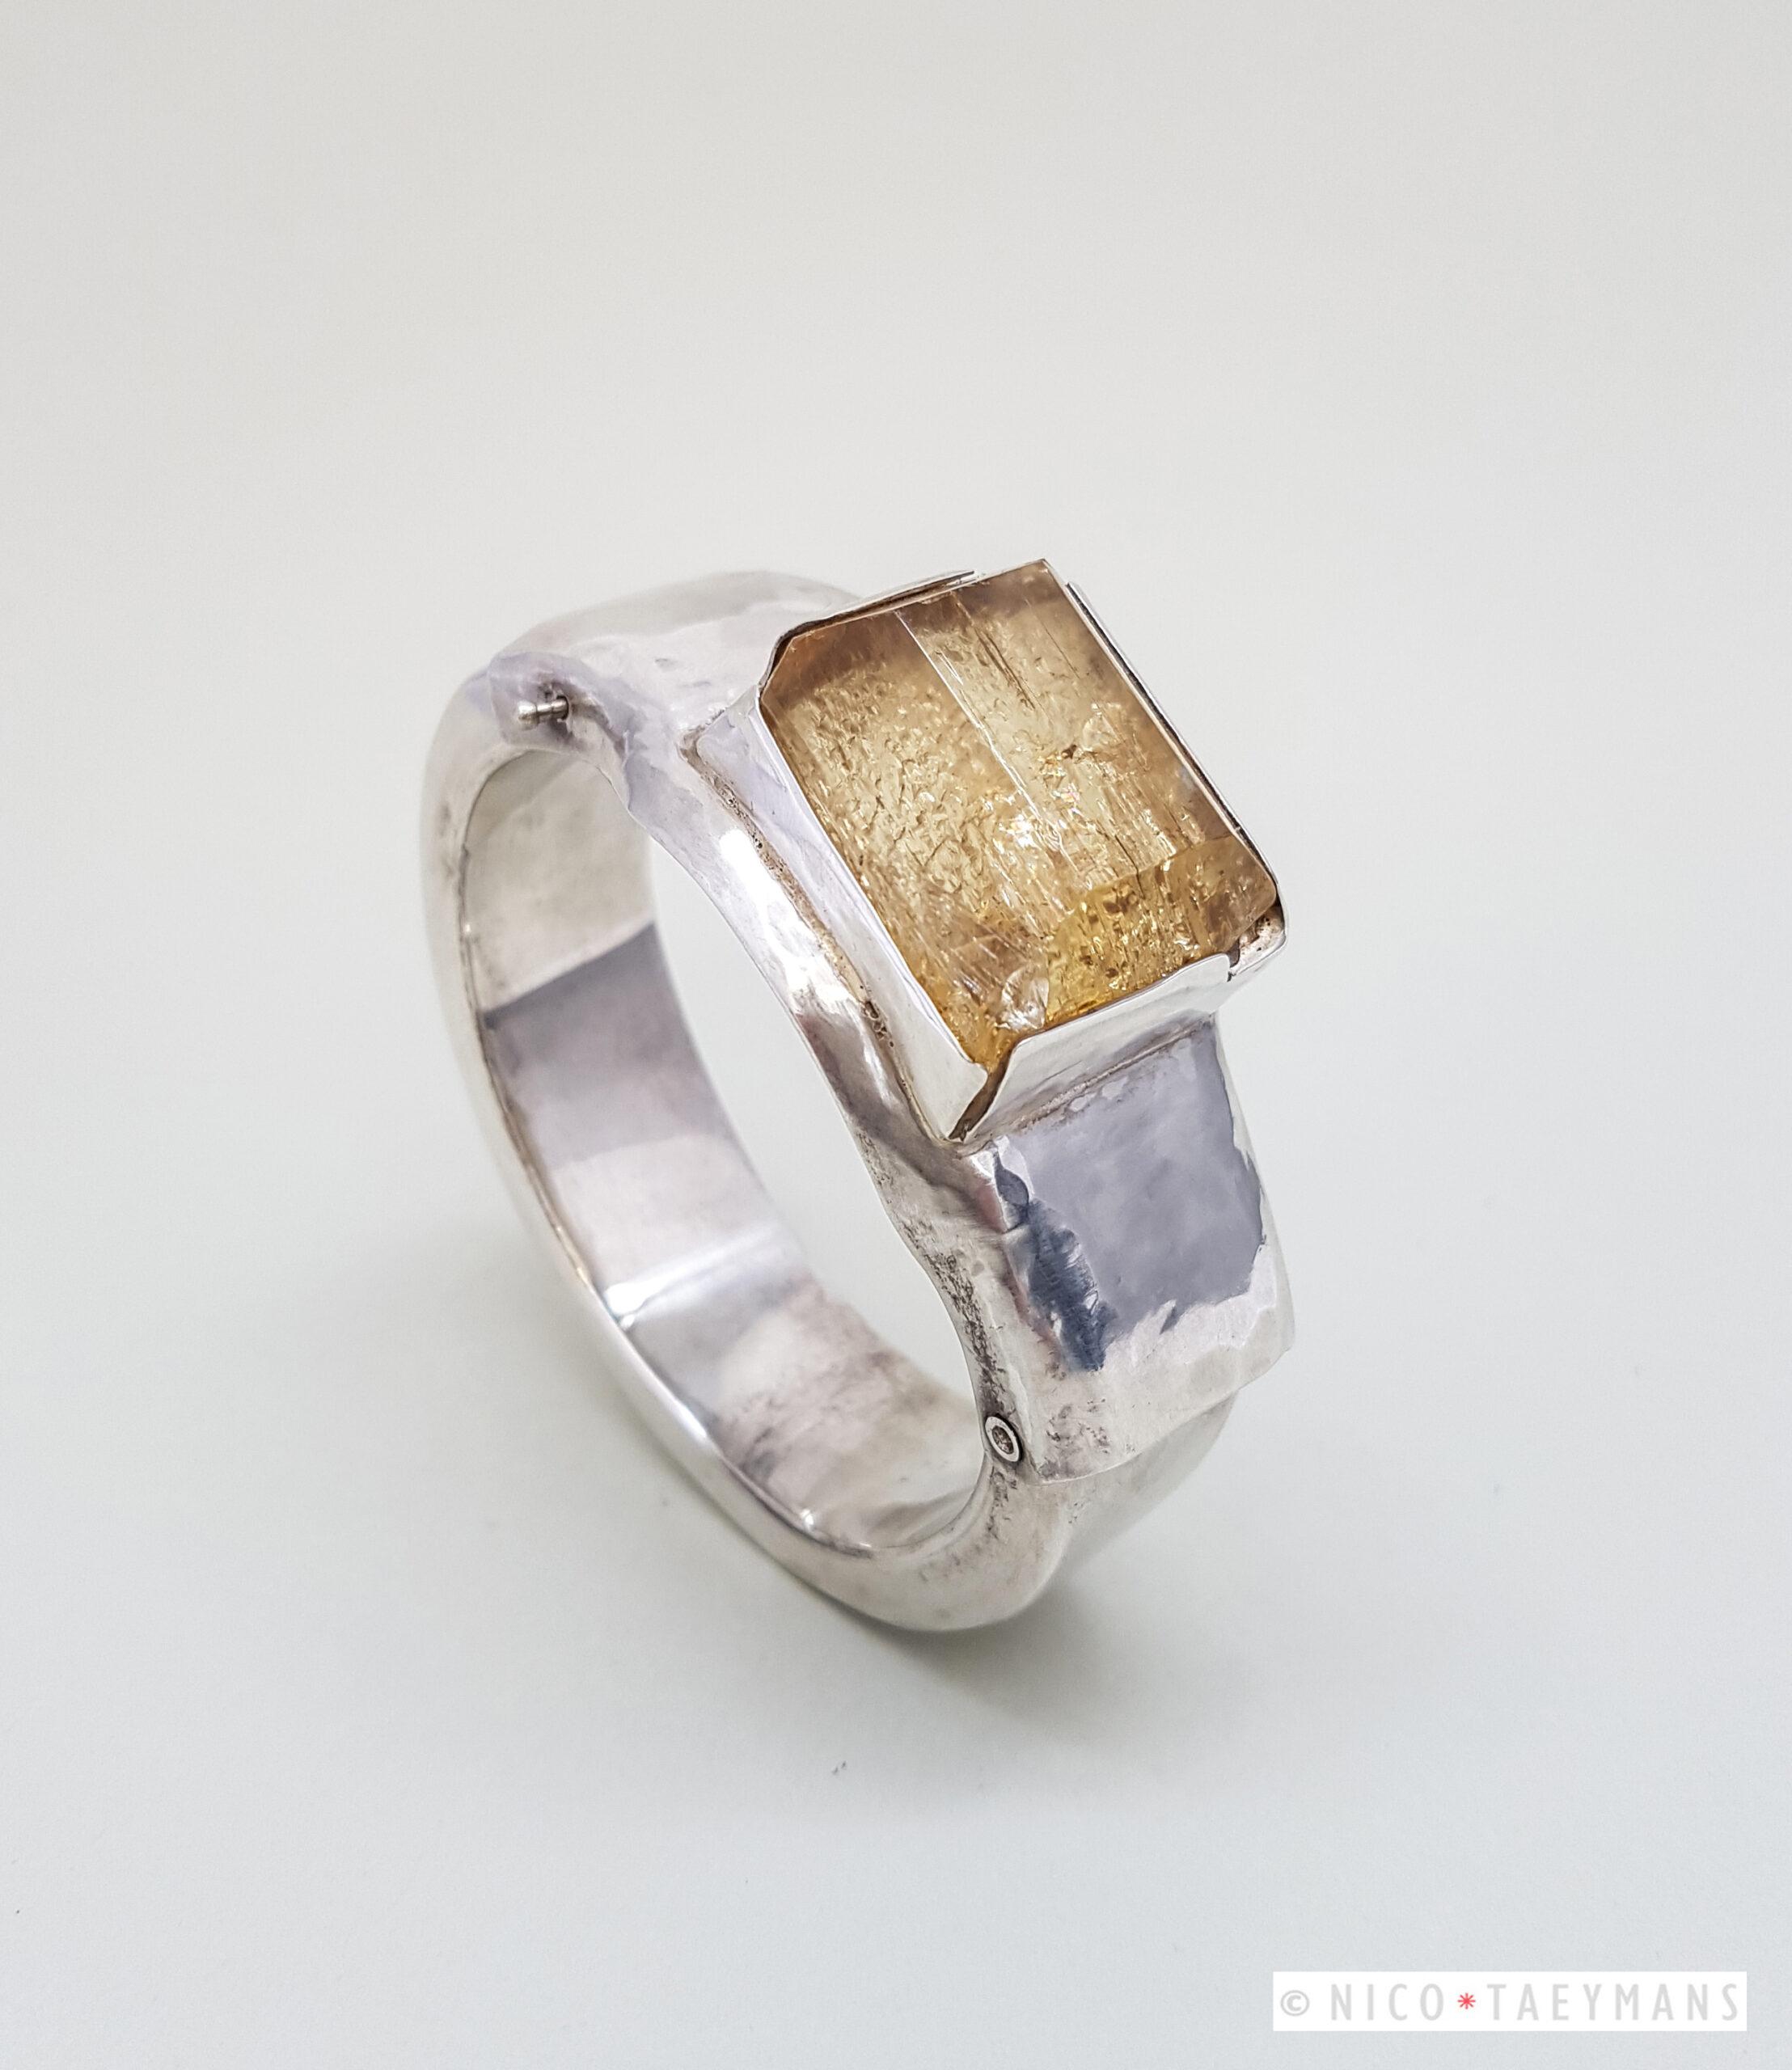 Zilveren armband gesmeed met damburiet